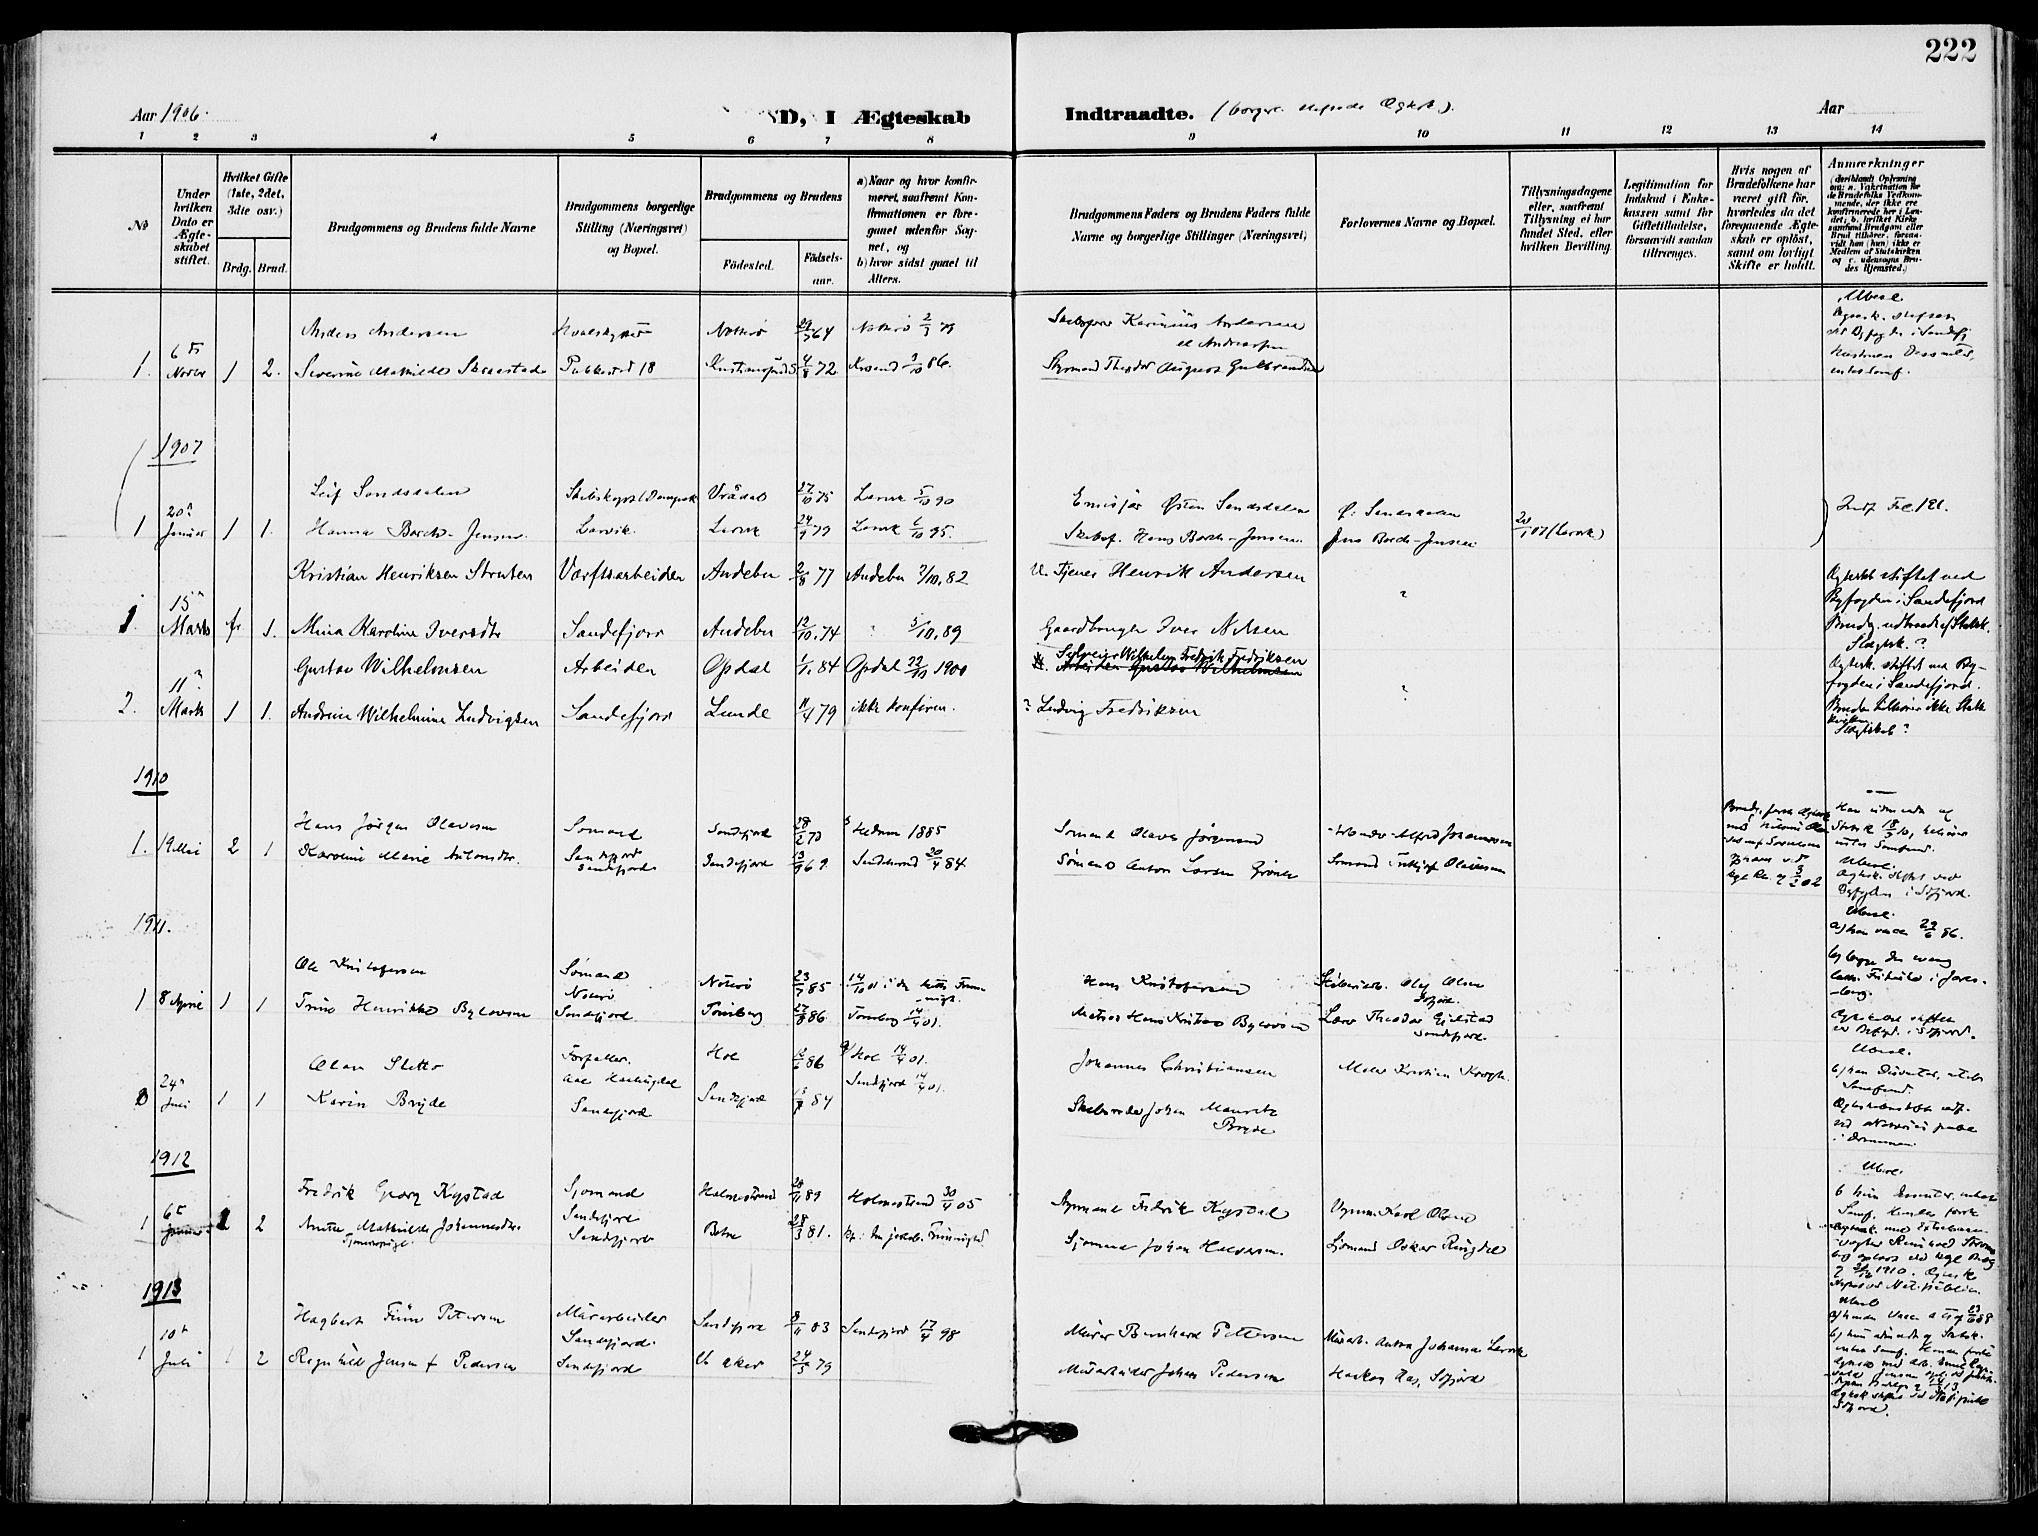 SAKO, Sandefjord kirkebøker, F/Fa/L0005: Ministerialbok nr. 5, 1906-1915, s. 222